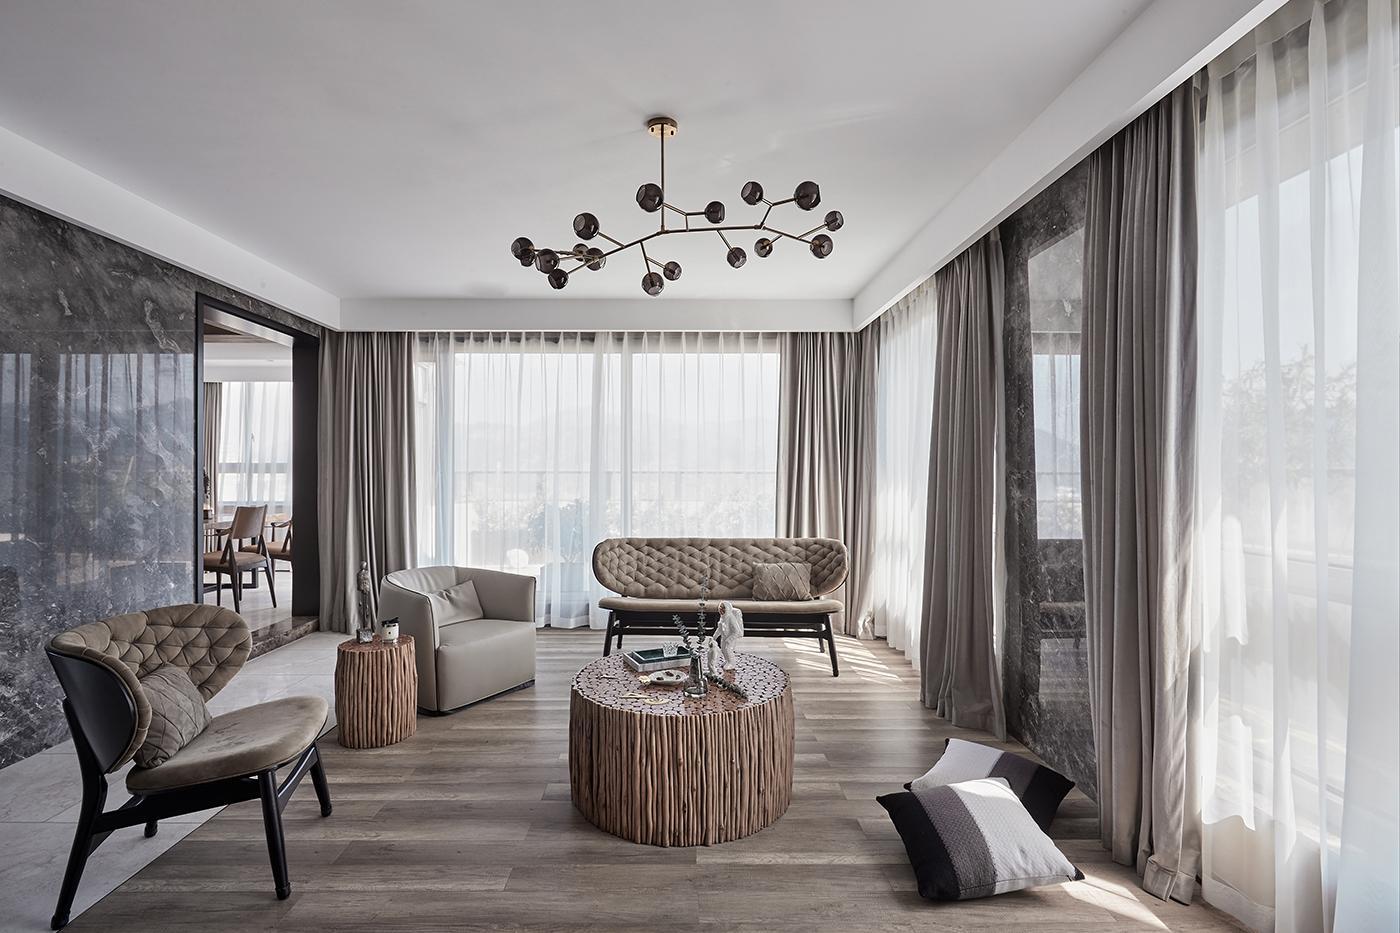 Xu hướng thiết kế nội thất phòng khách năm 2020